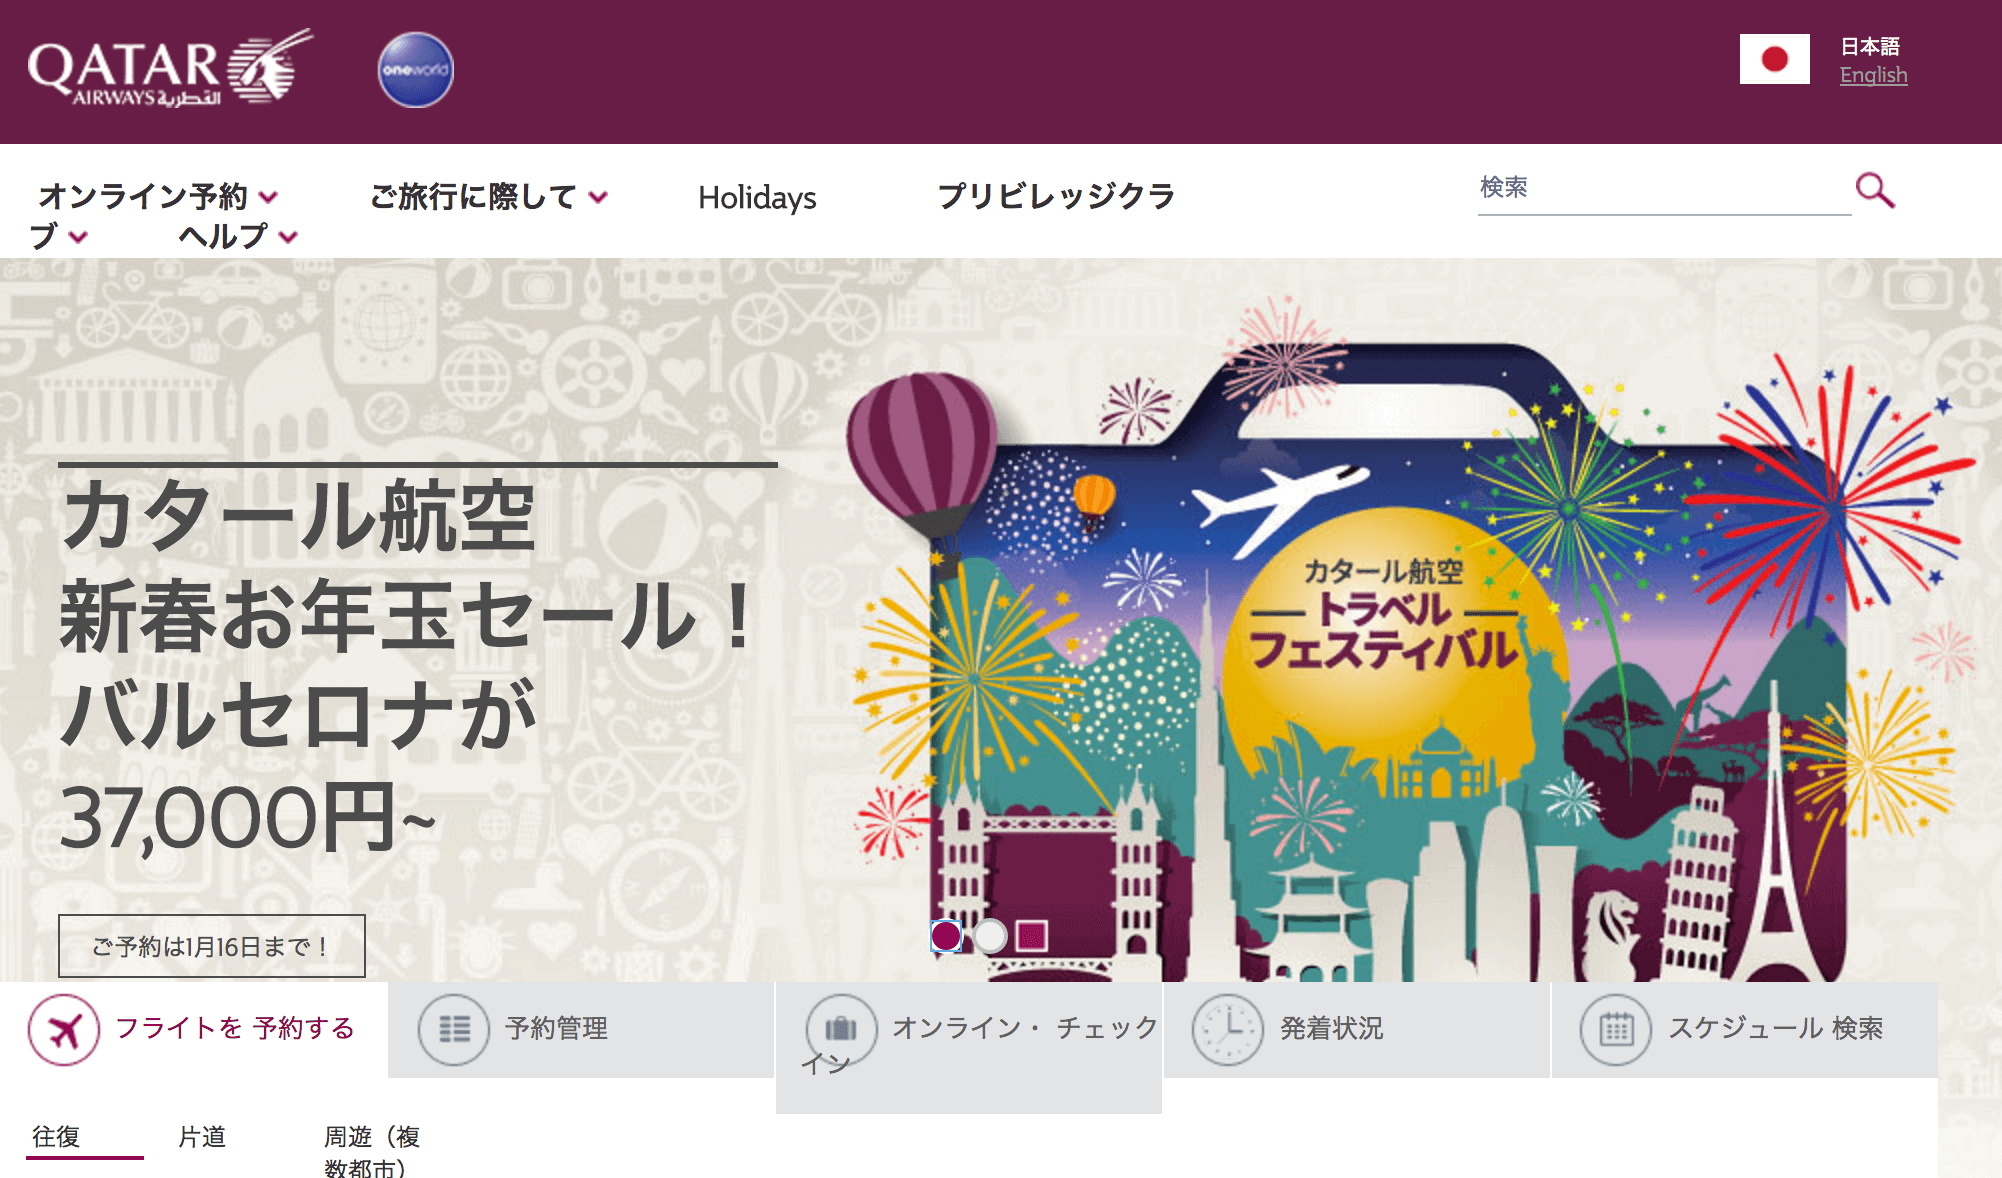 カタール航空、新春お年玉セール!5万円台でドバイ・ヨーロッパまで行ける!!